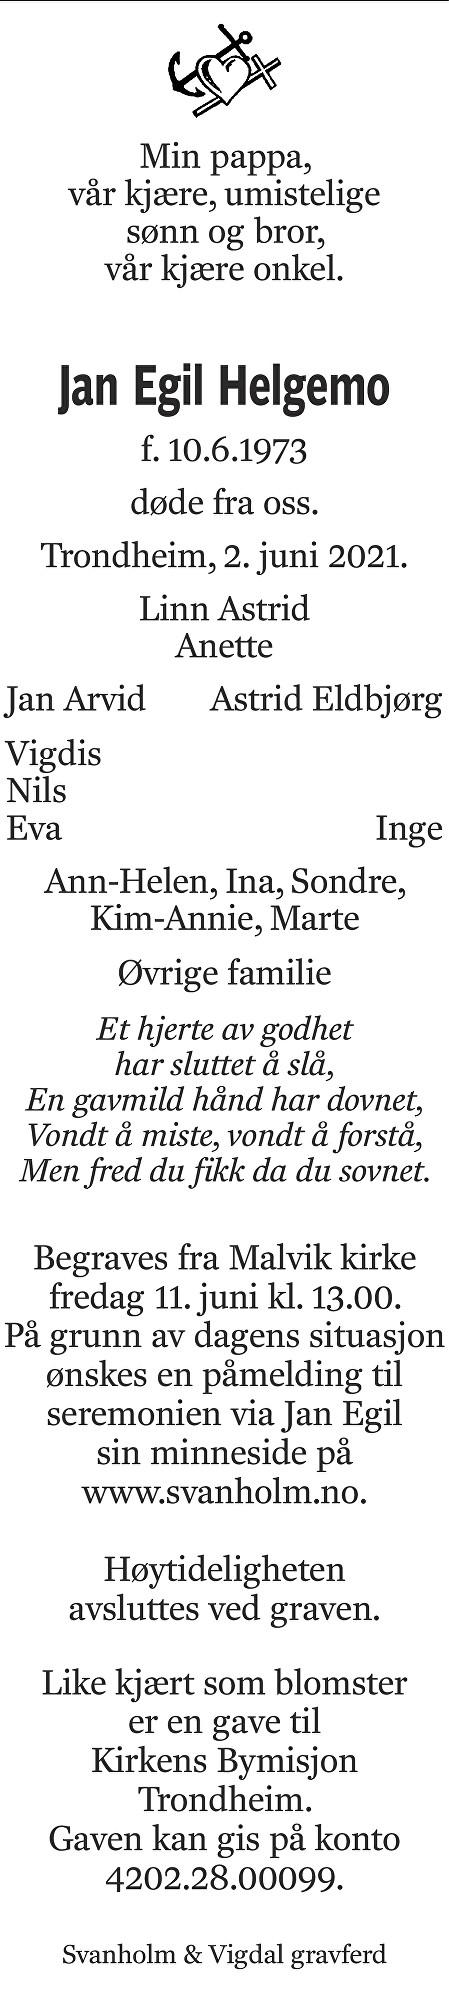 Jan Egil Helgemo Dødsannonse